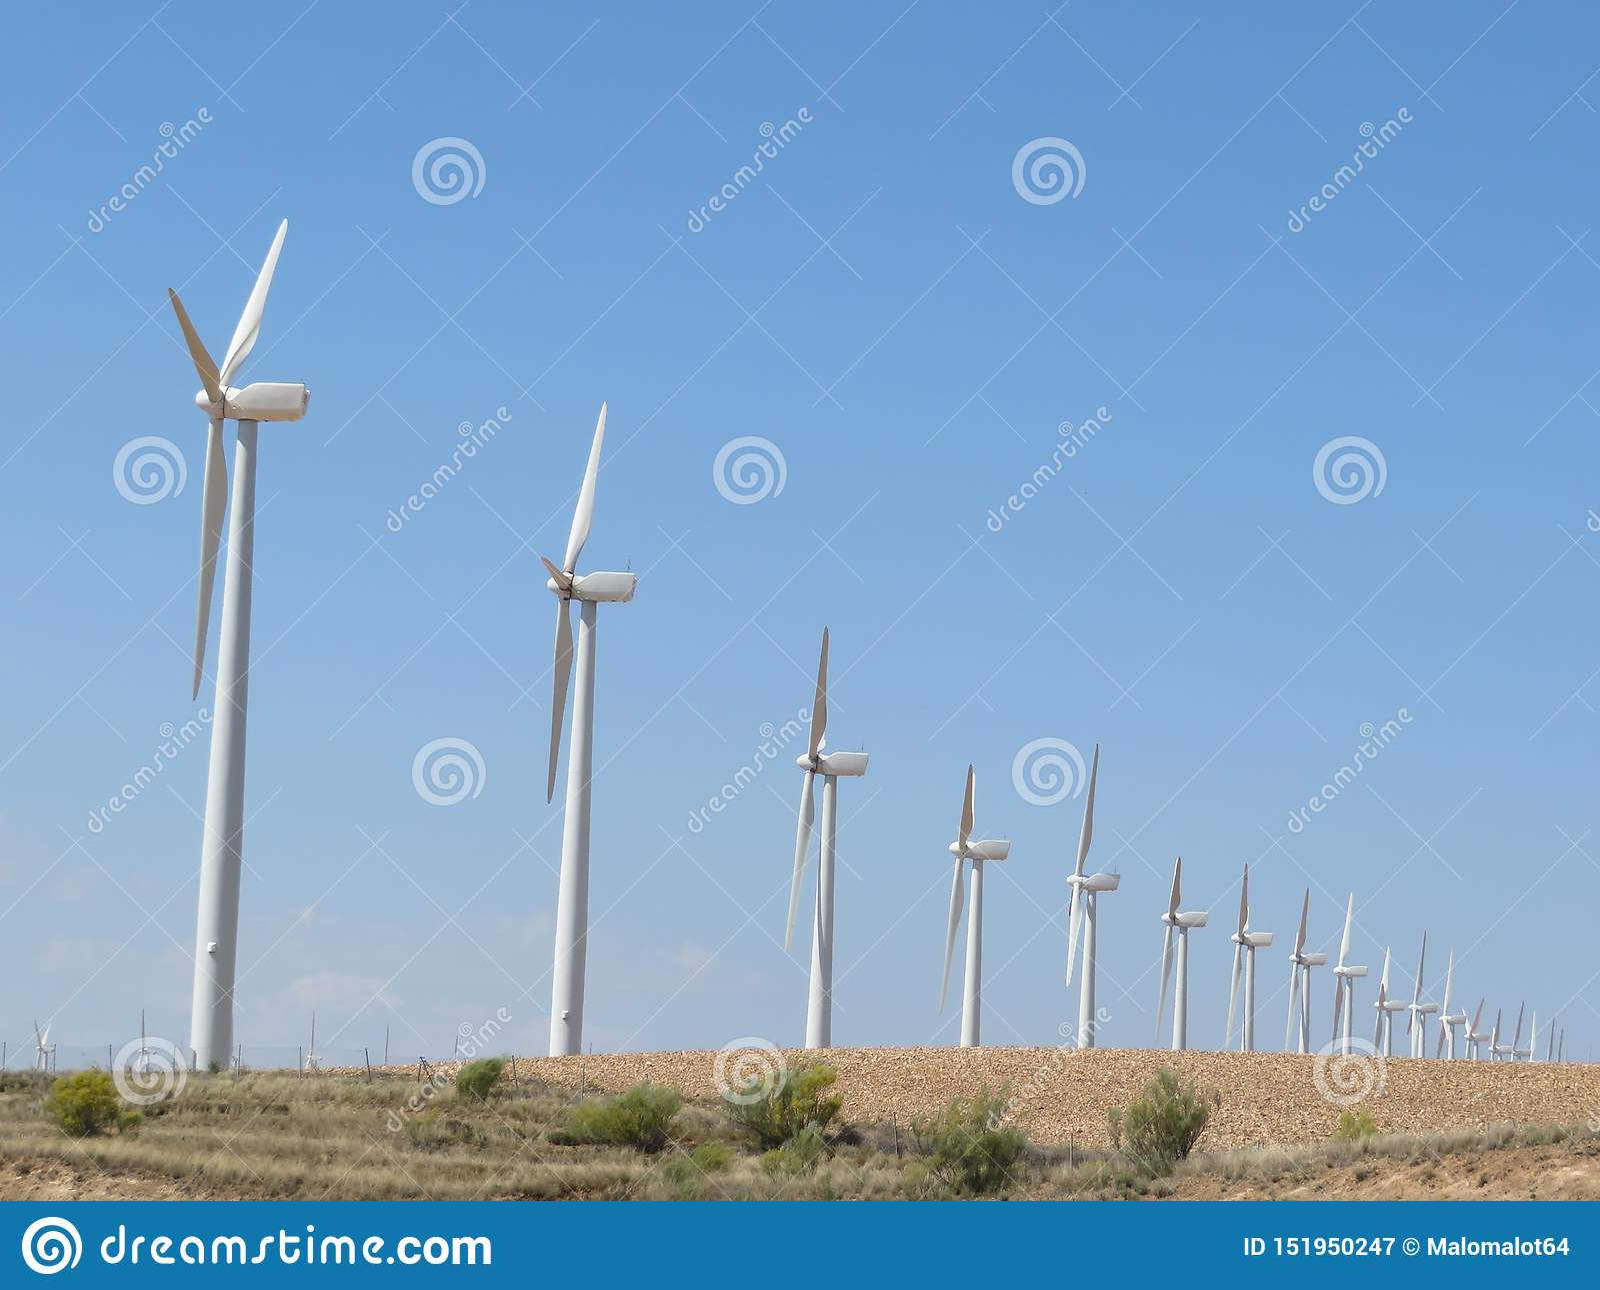 准备好美丽的风轮机转换空气能量